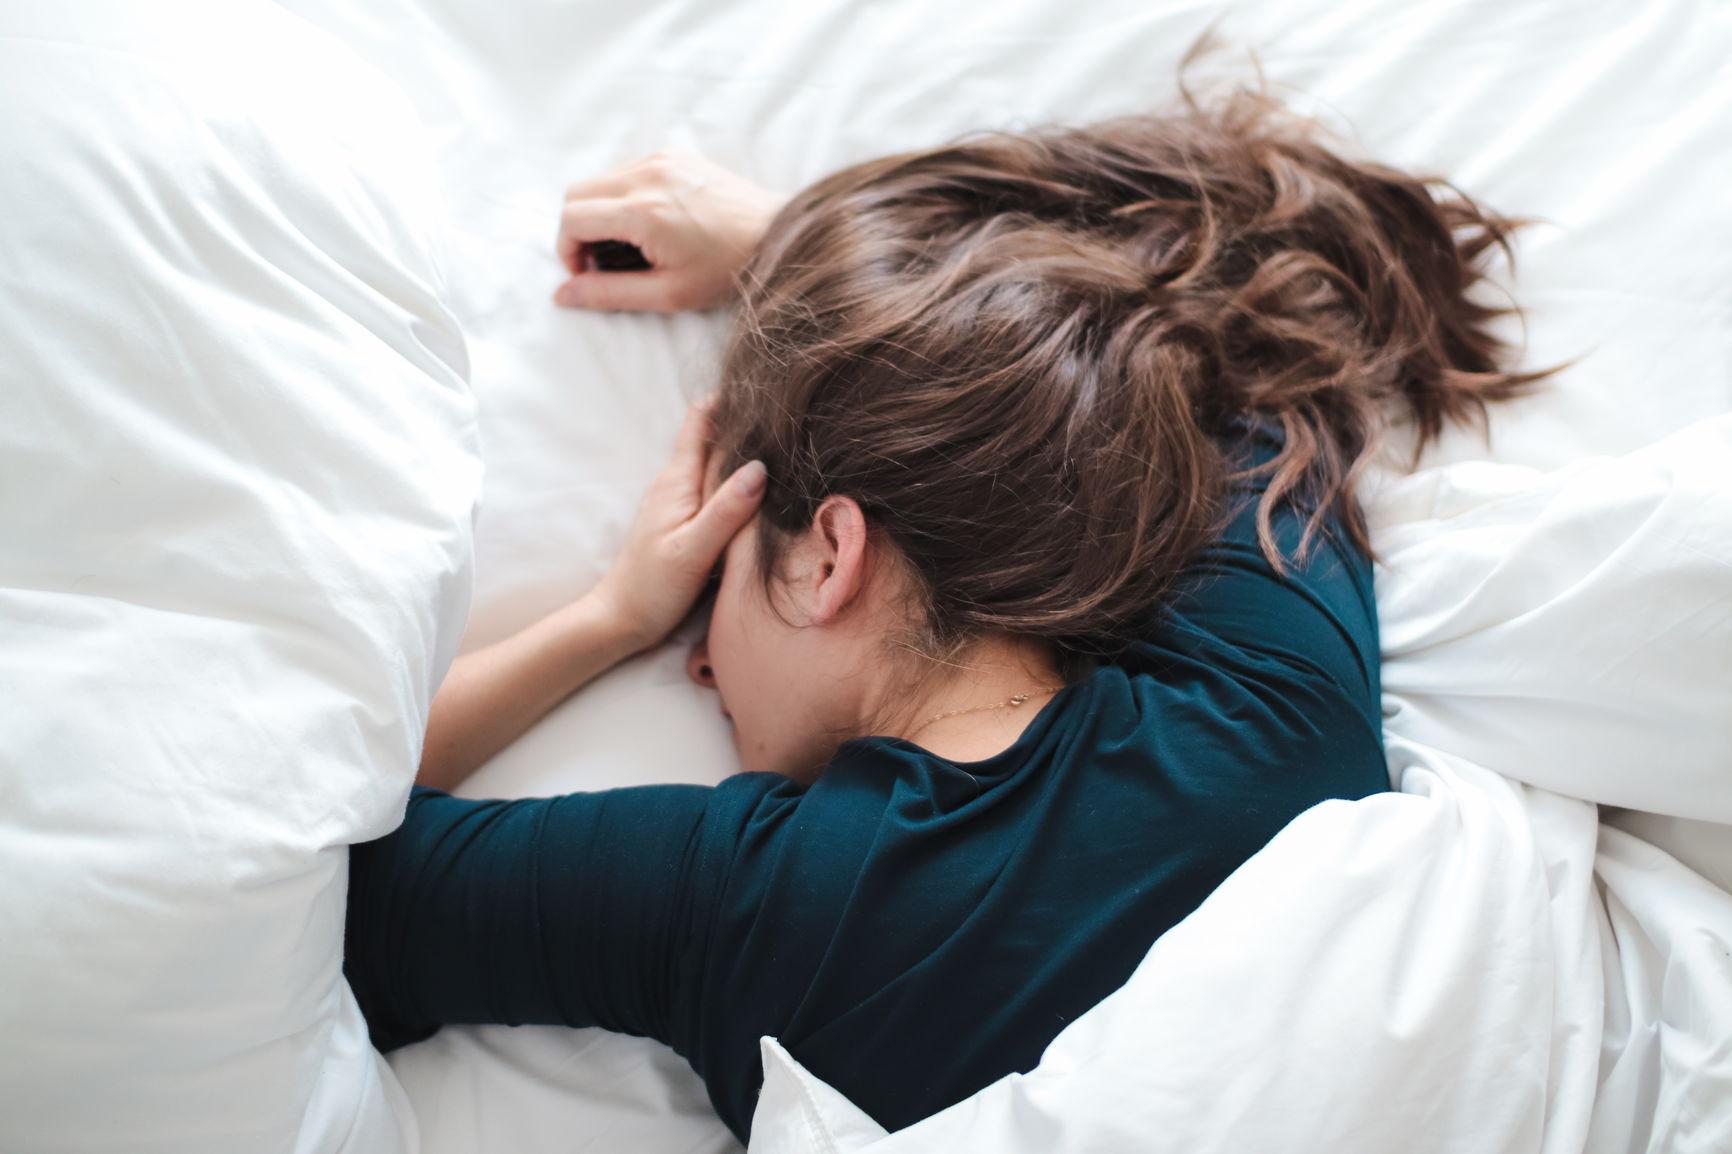 bli kvitt hodepine ved å sørge for nok søvn